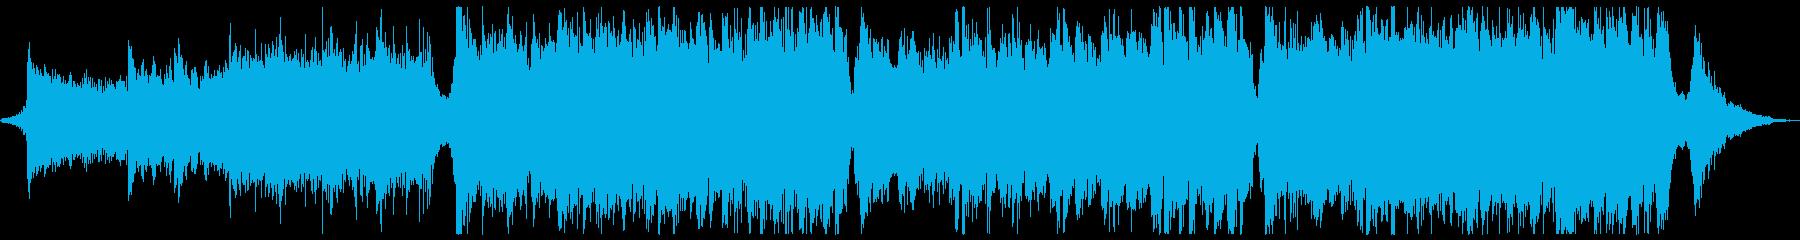 スポーツ格闘オーケストラx1回の再生済みの波形